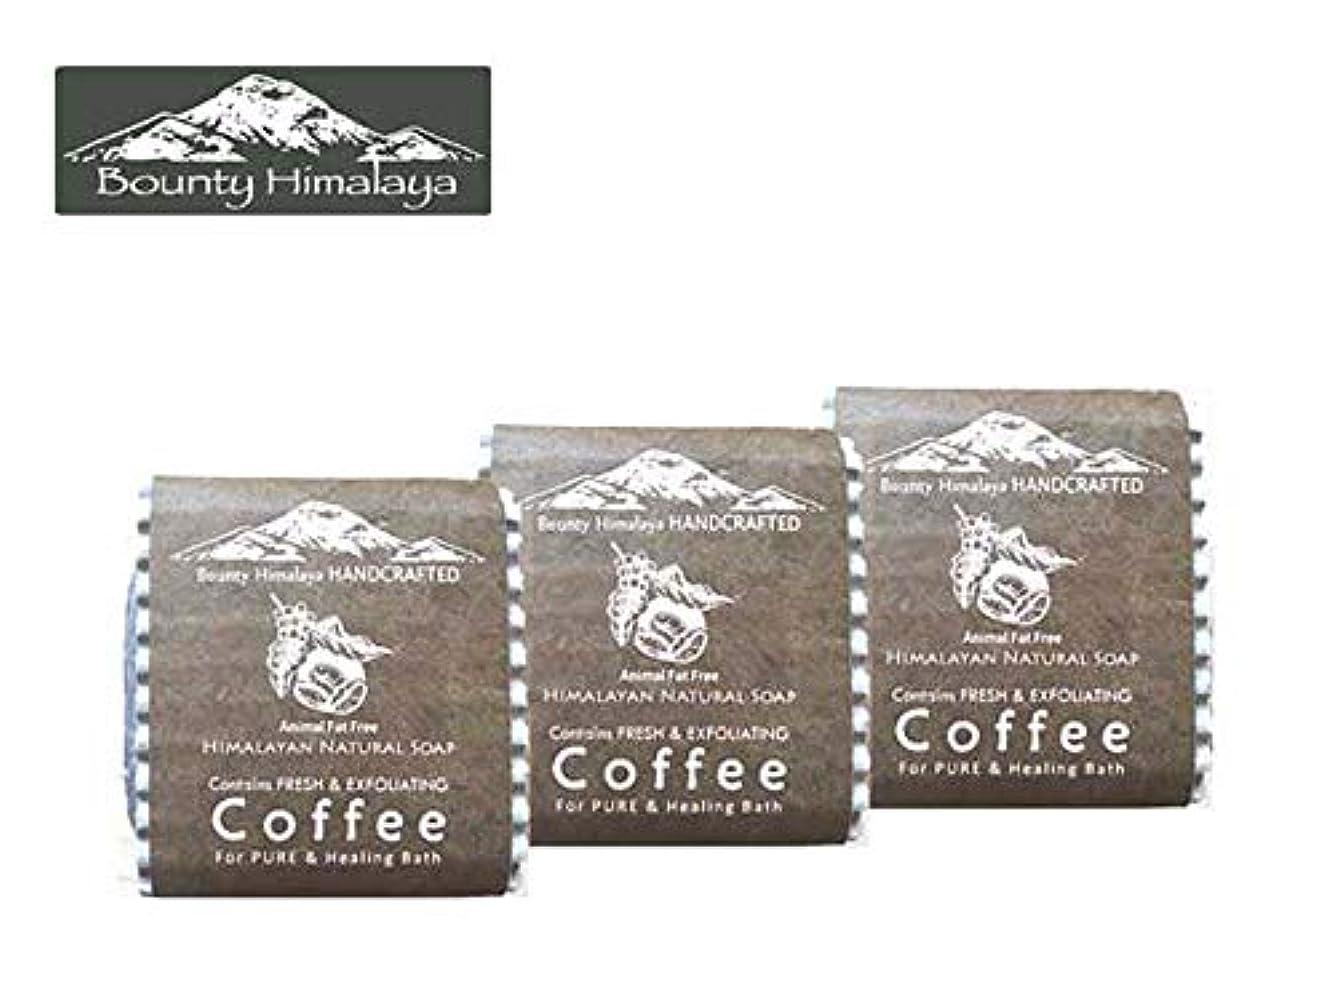 アーユルヴェーダ ヒマラヤ コーヒー ソープ3セット Bounty Himalaya Coffee SOAP(NEPAL AYURVEDA) 100g